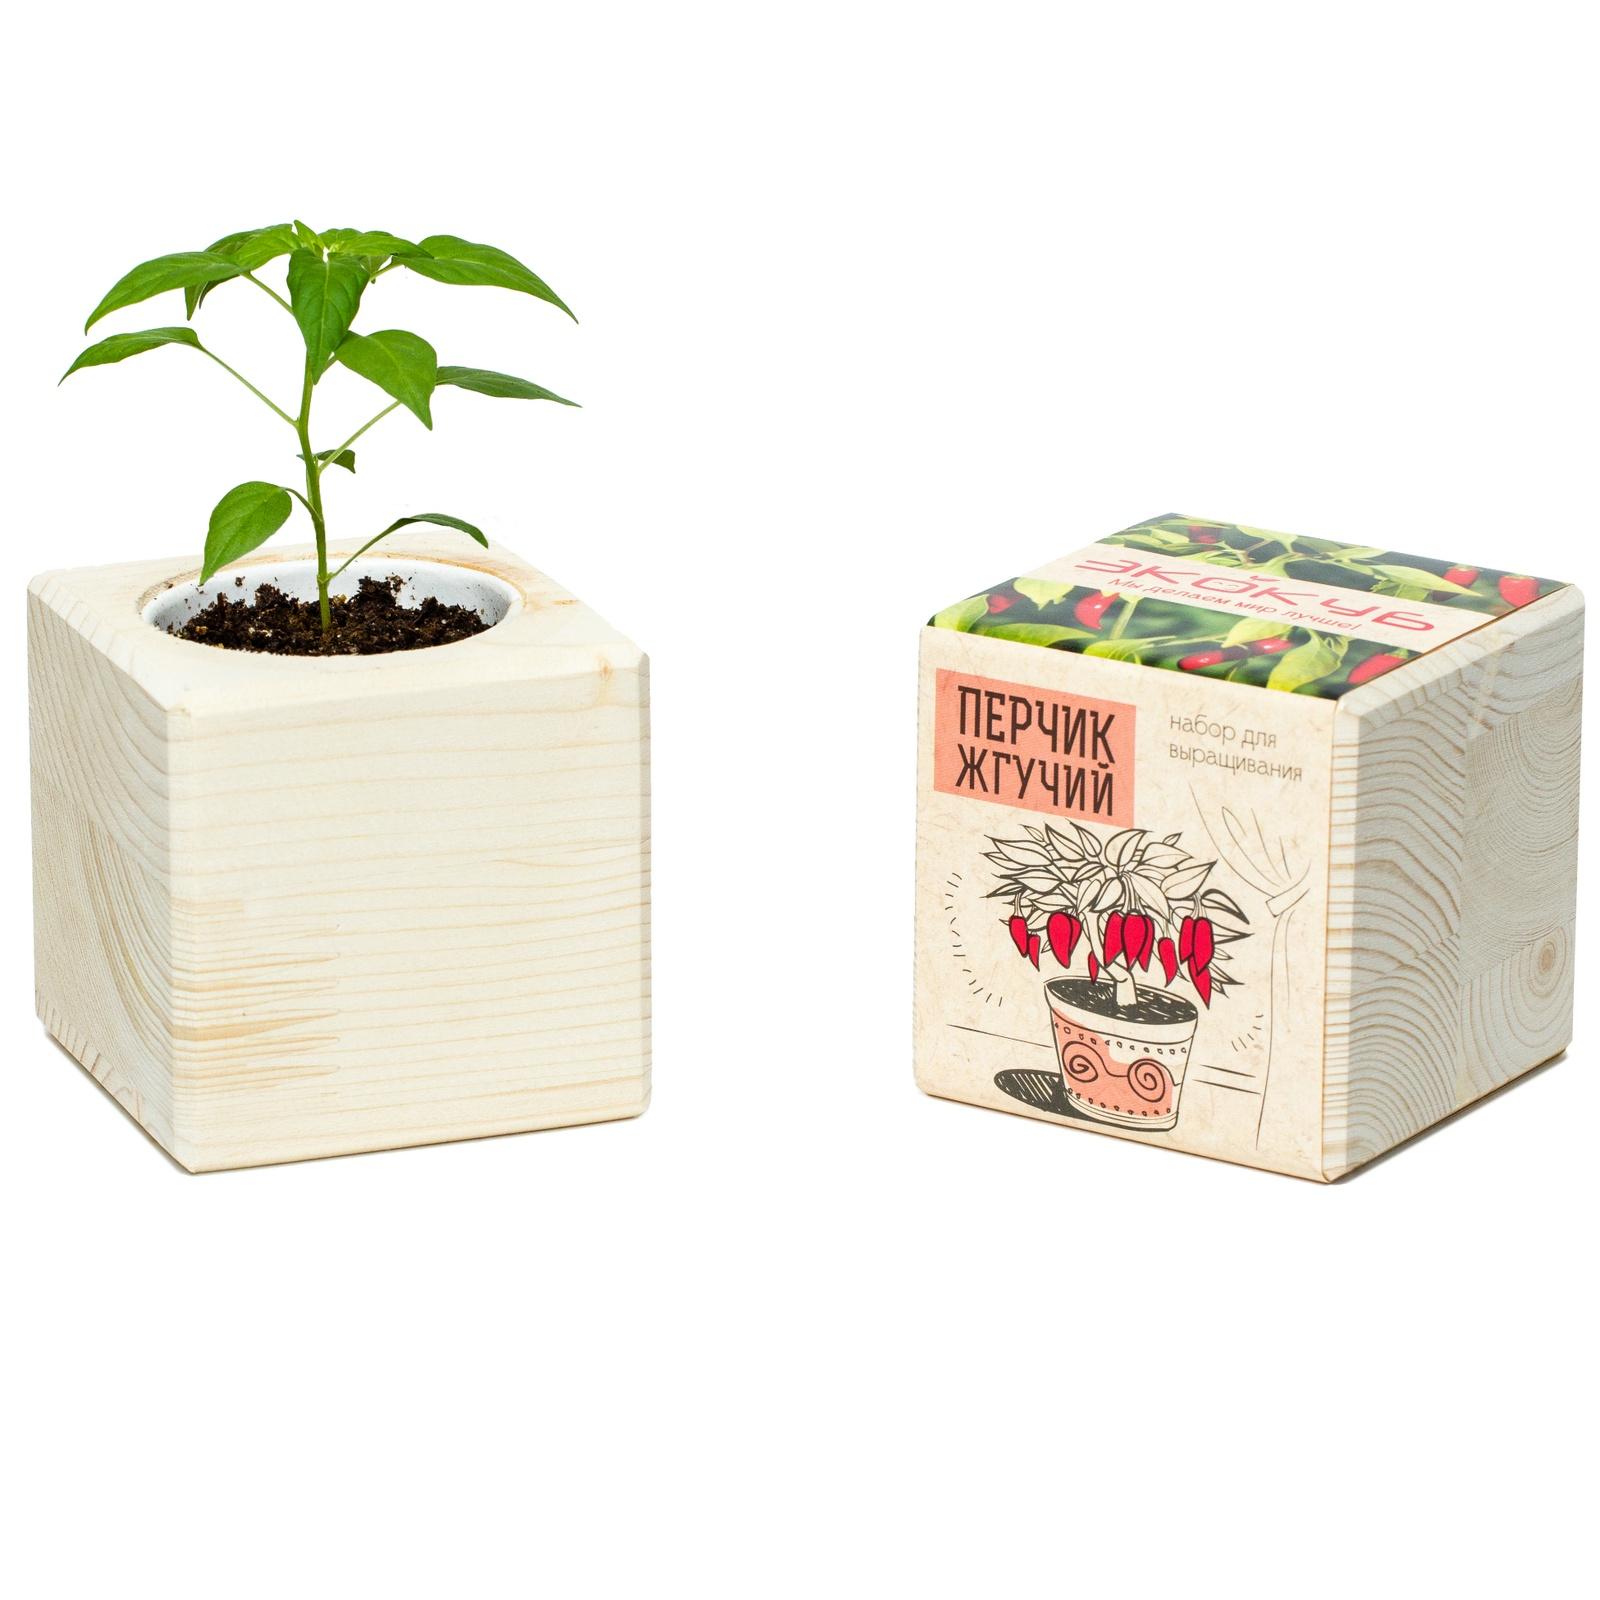 Сувенирный набор ЭЙФОРД Набор для выращивания Экокуб Перчик жгучий, ECB-01-12, светло-бежевый именной набор для выращивания свадебного дерева